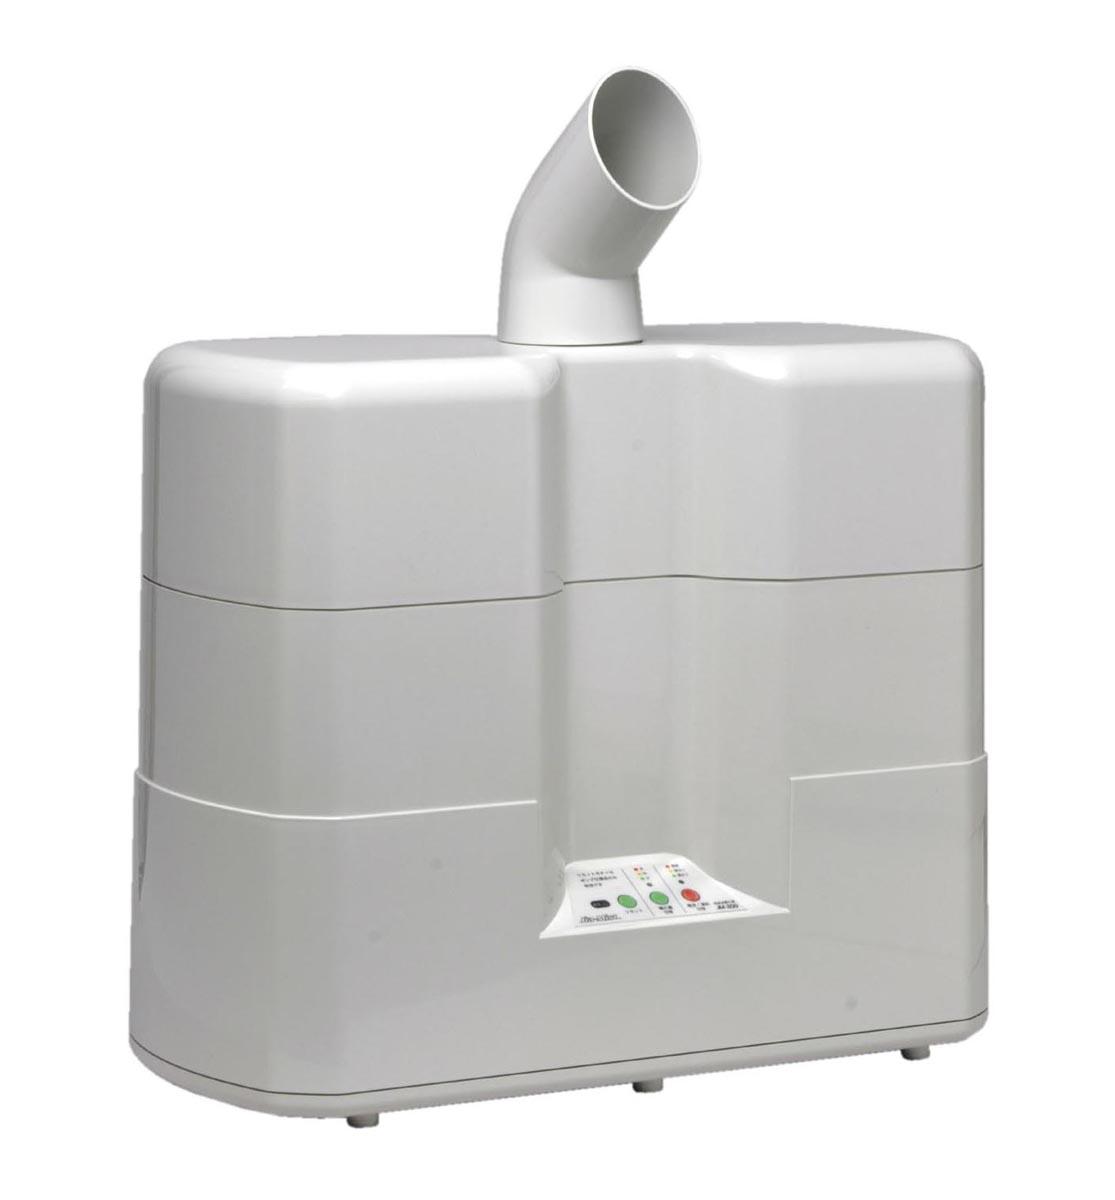 ケニス 超音波霧化器(ジアミスト) JM-300